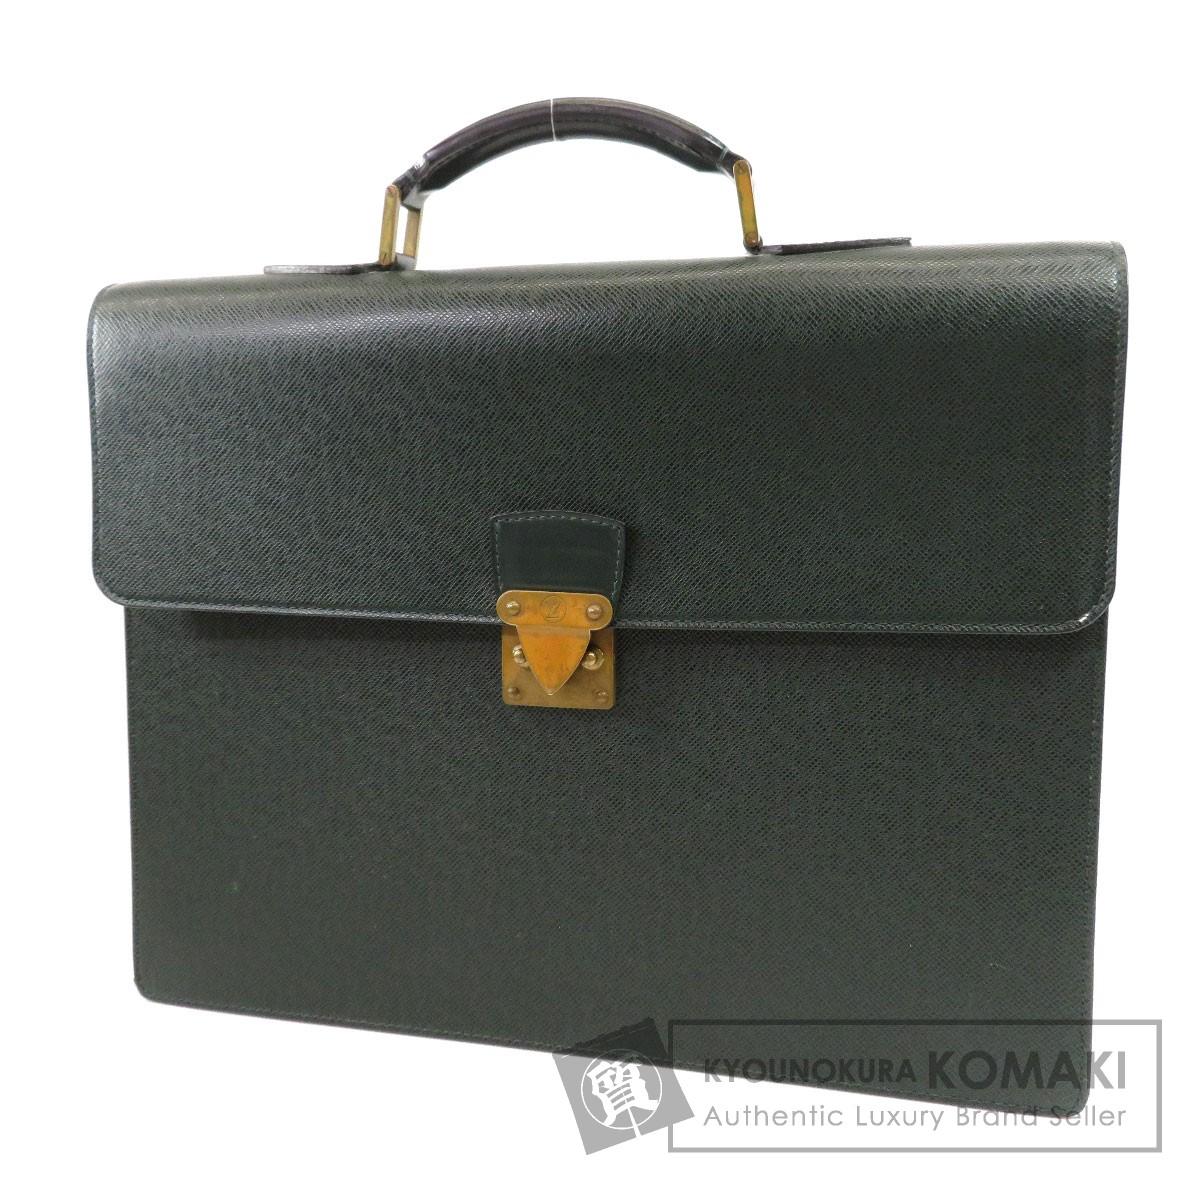 LOUIS VUITTON M30034 モスコバ ビジネスバッグ タイガレザー メンズ 【中古】【ルイ・ヴィトン】